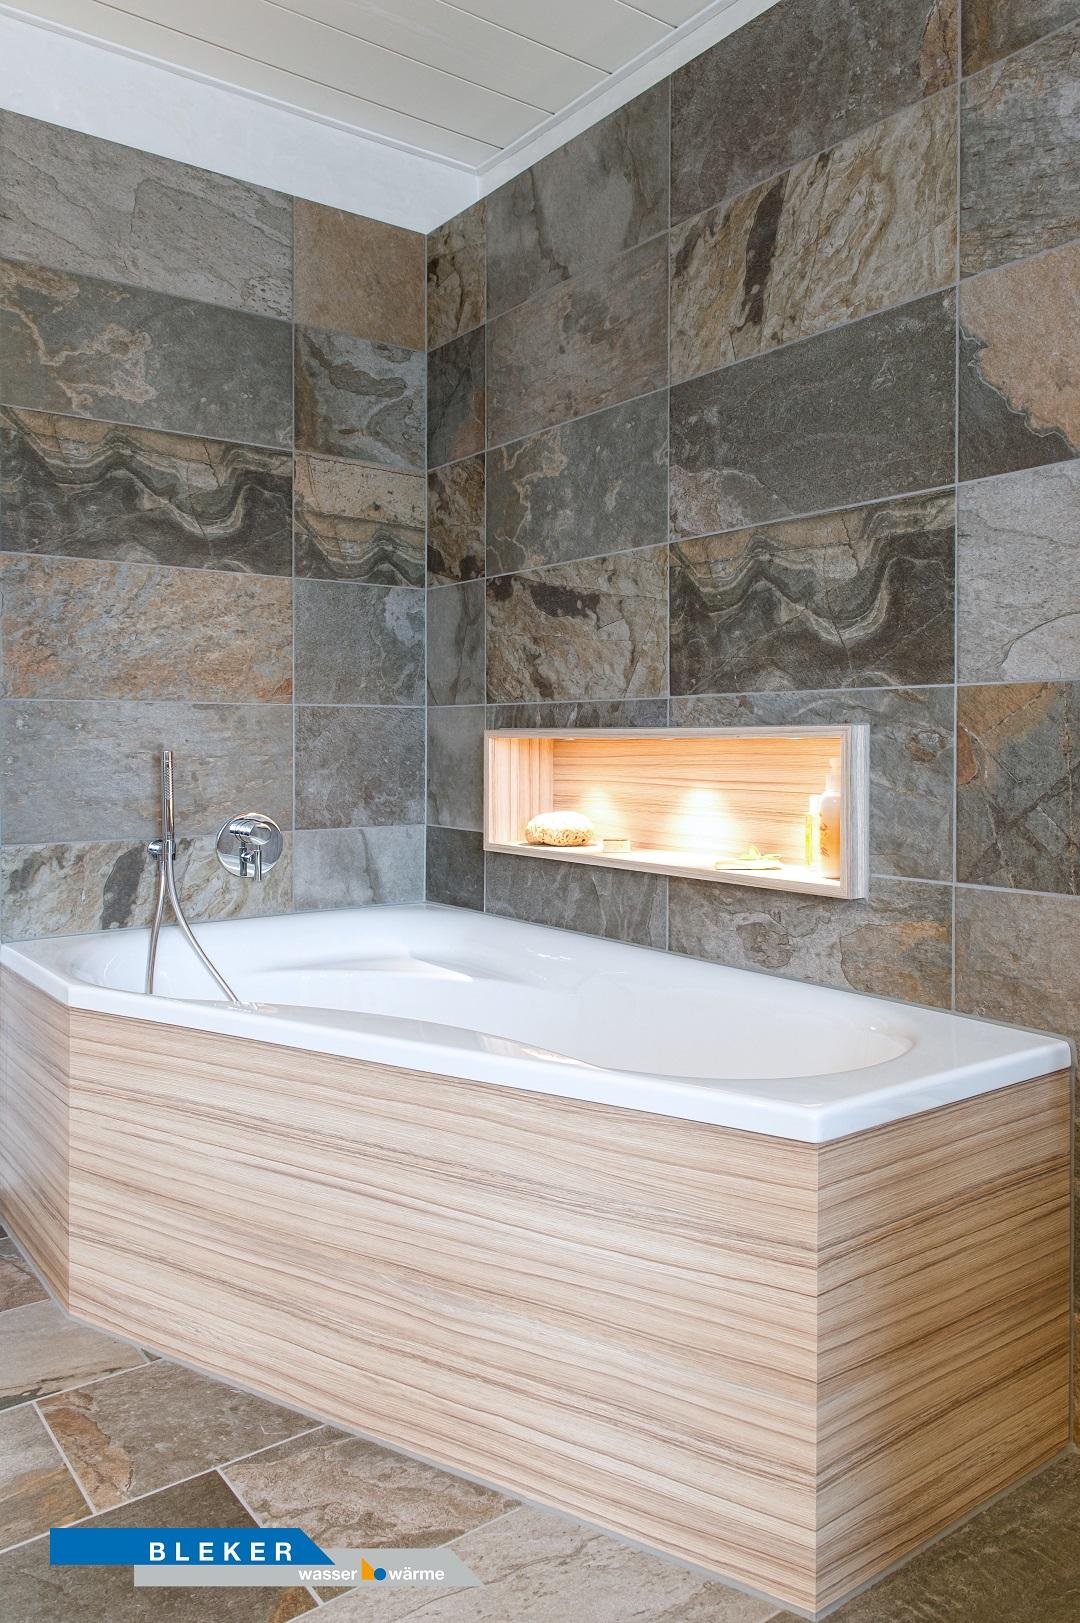 schönes Bad mit ausgefallenen Fliesen, Wanne und beleuchtetem Ablagefach in der Wand